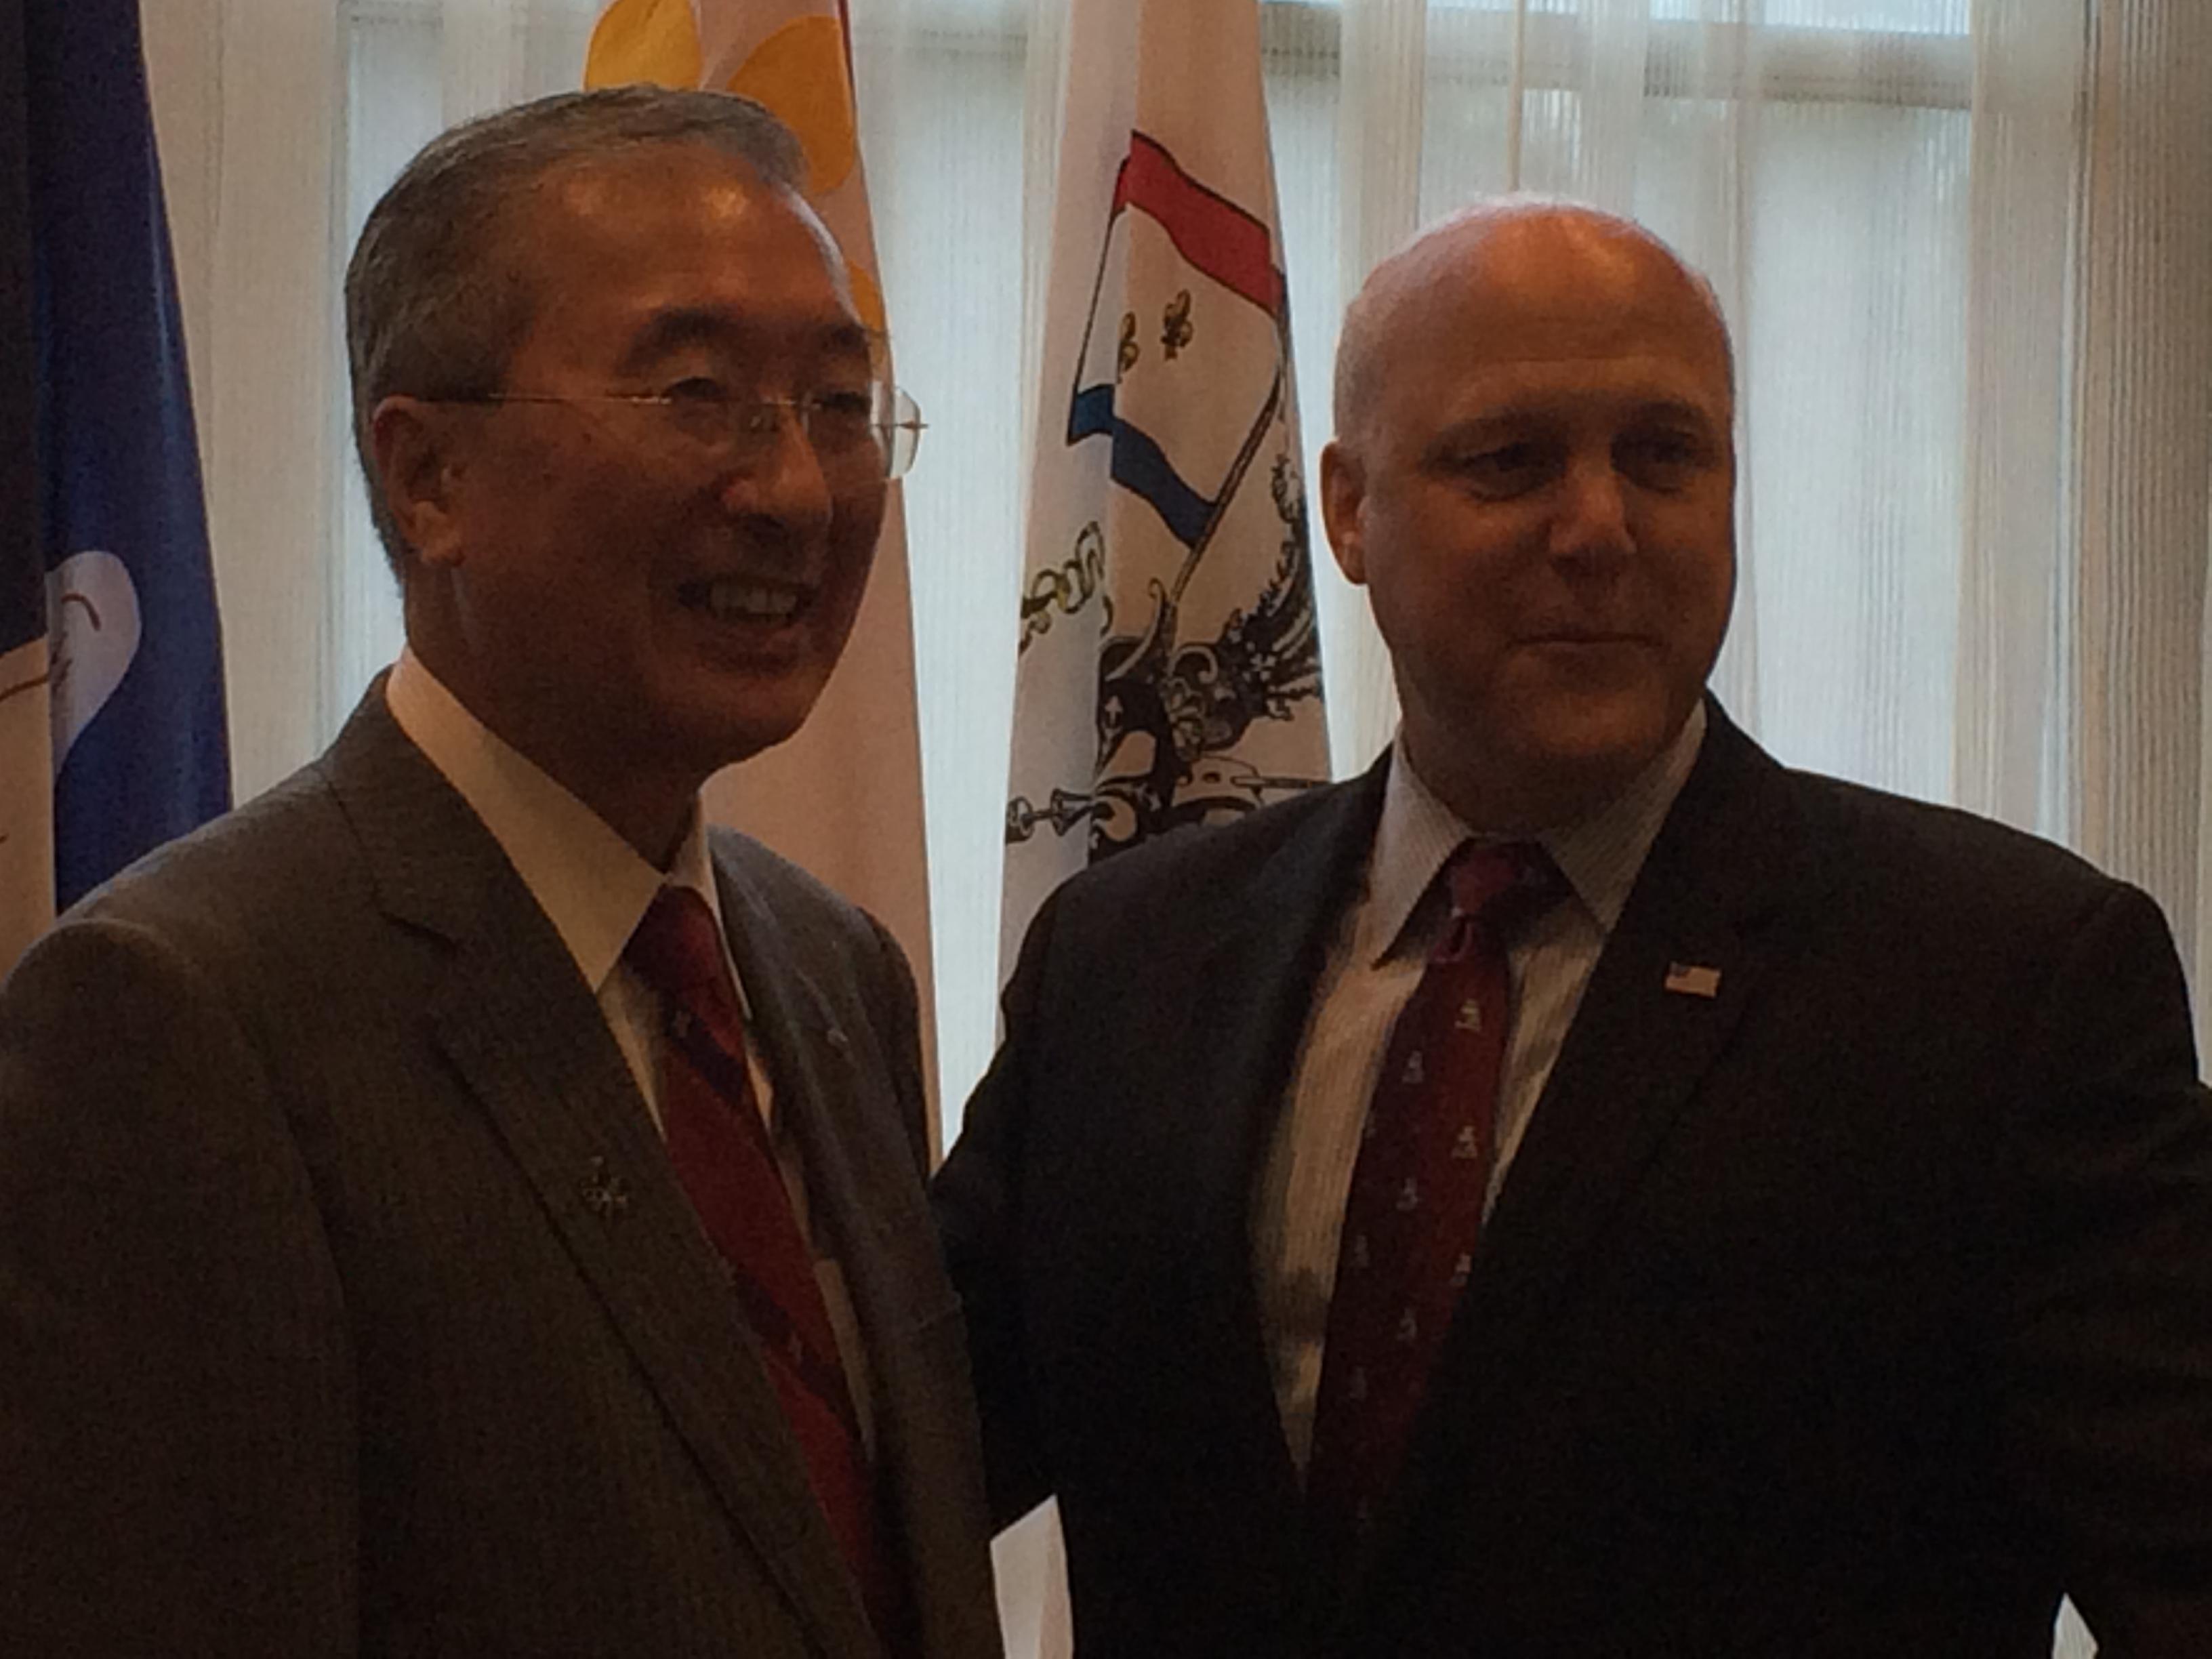 ニューオリンズ市長を表敬訪問